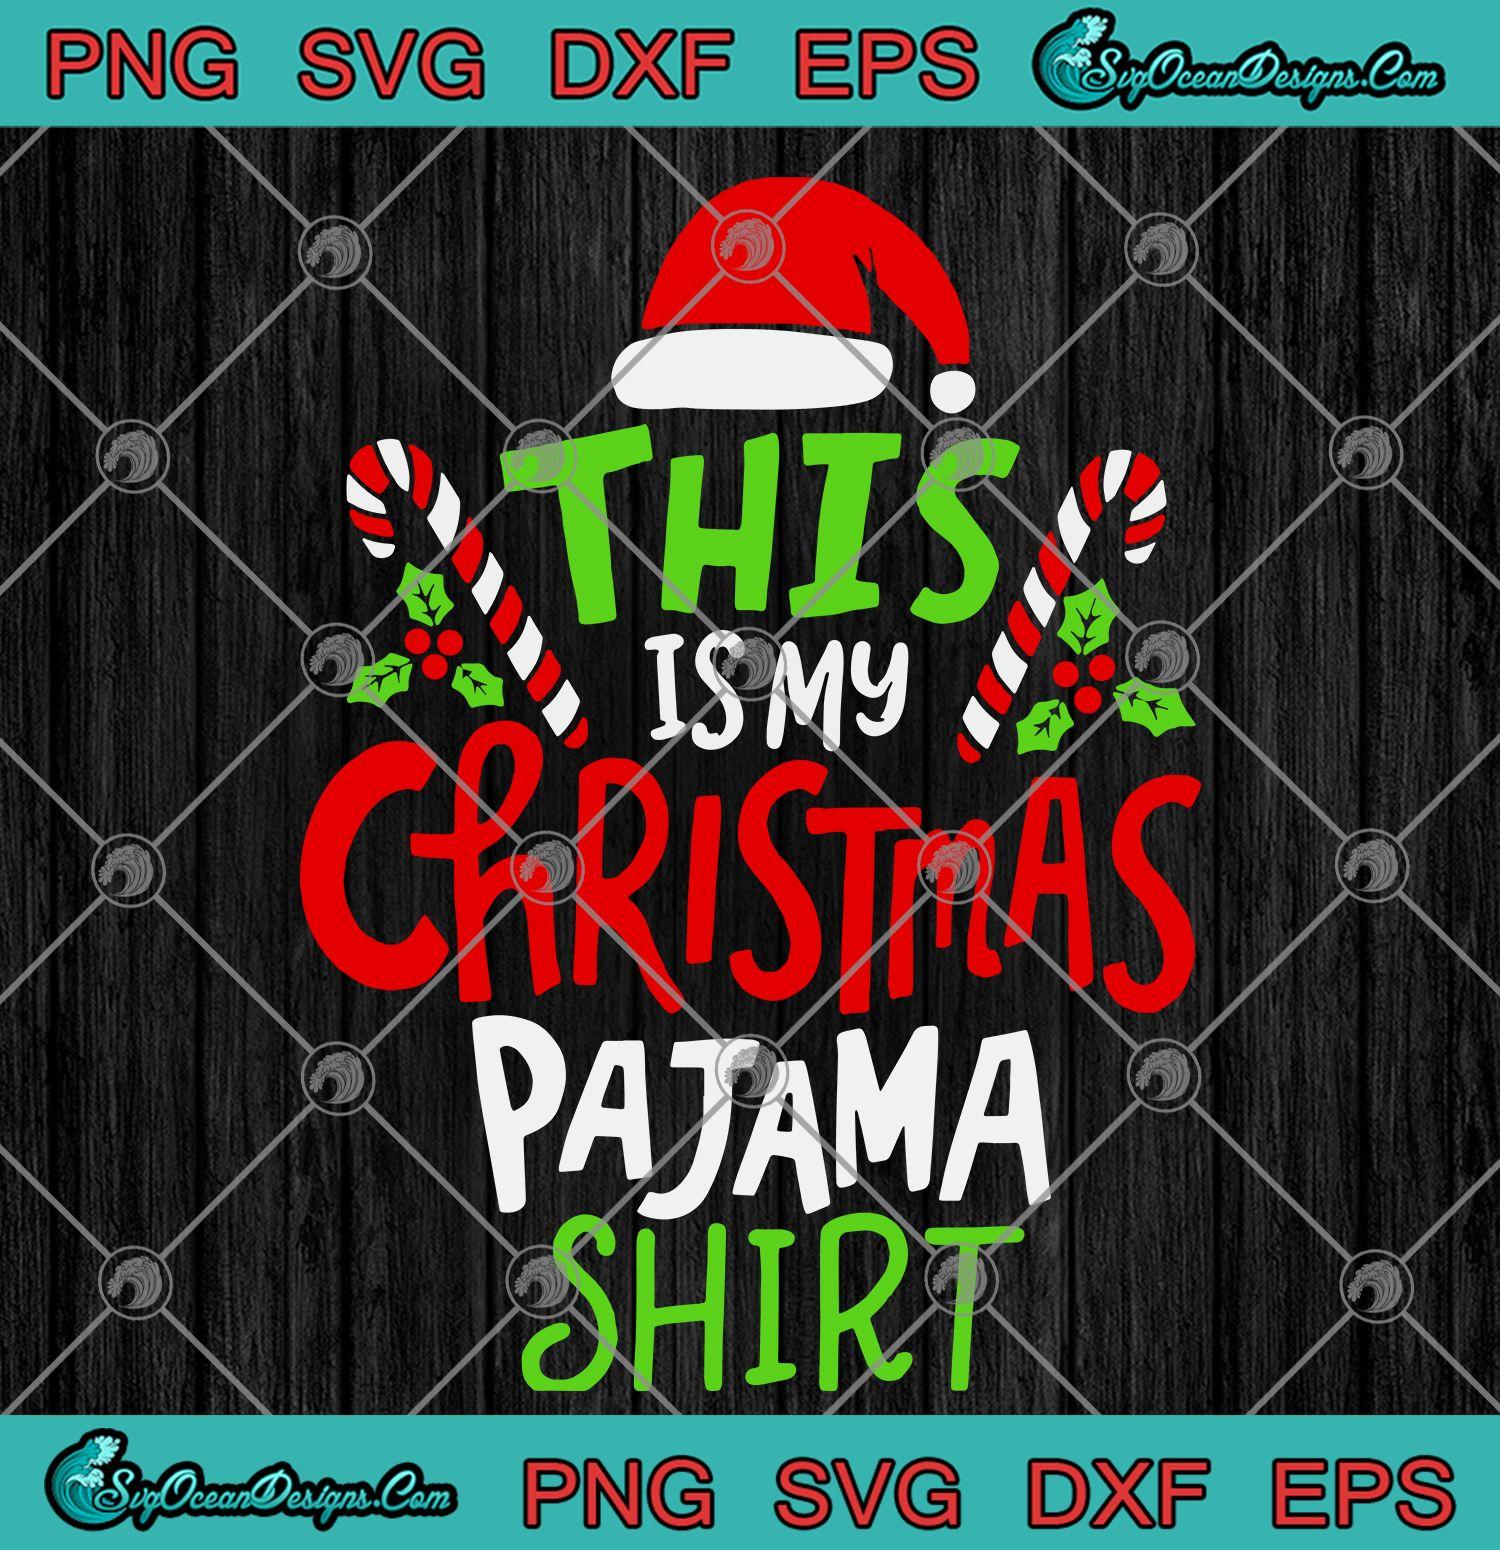 This Is My Christmas Pajama Shirt Funny Christmas Svg Png